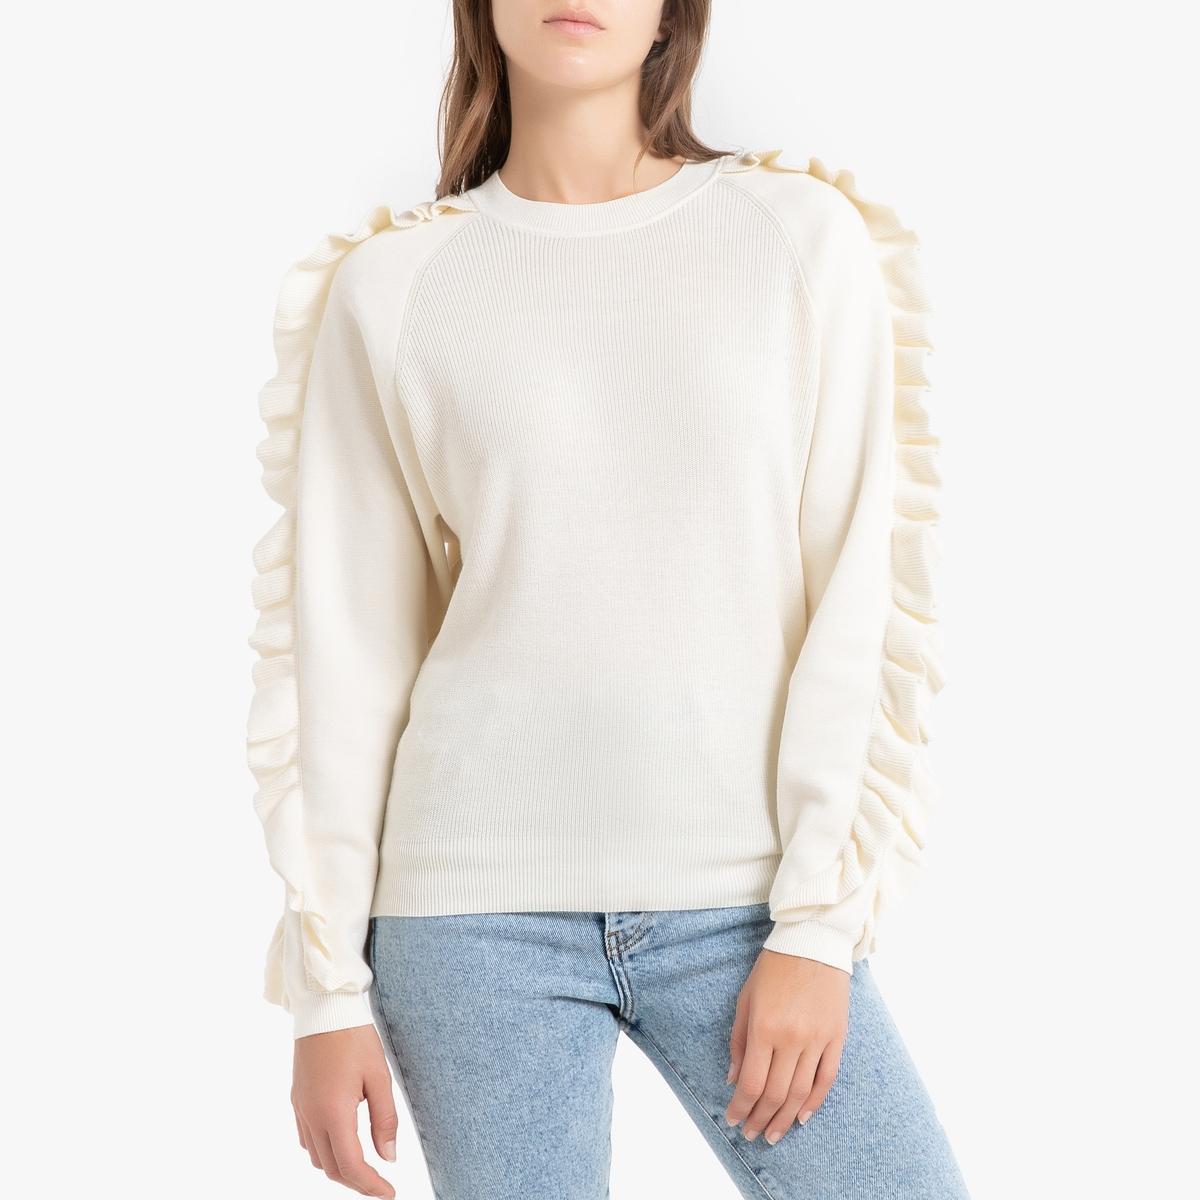 Пуловер La Redoute С круглым вырезом и воланами из тонкого трикотажа CIEL 2(M) бежевый пуловер la redoute с круглым вырезом из тонкого трикотажа m красный